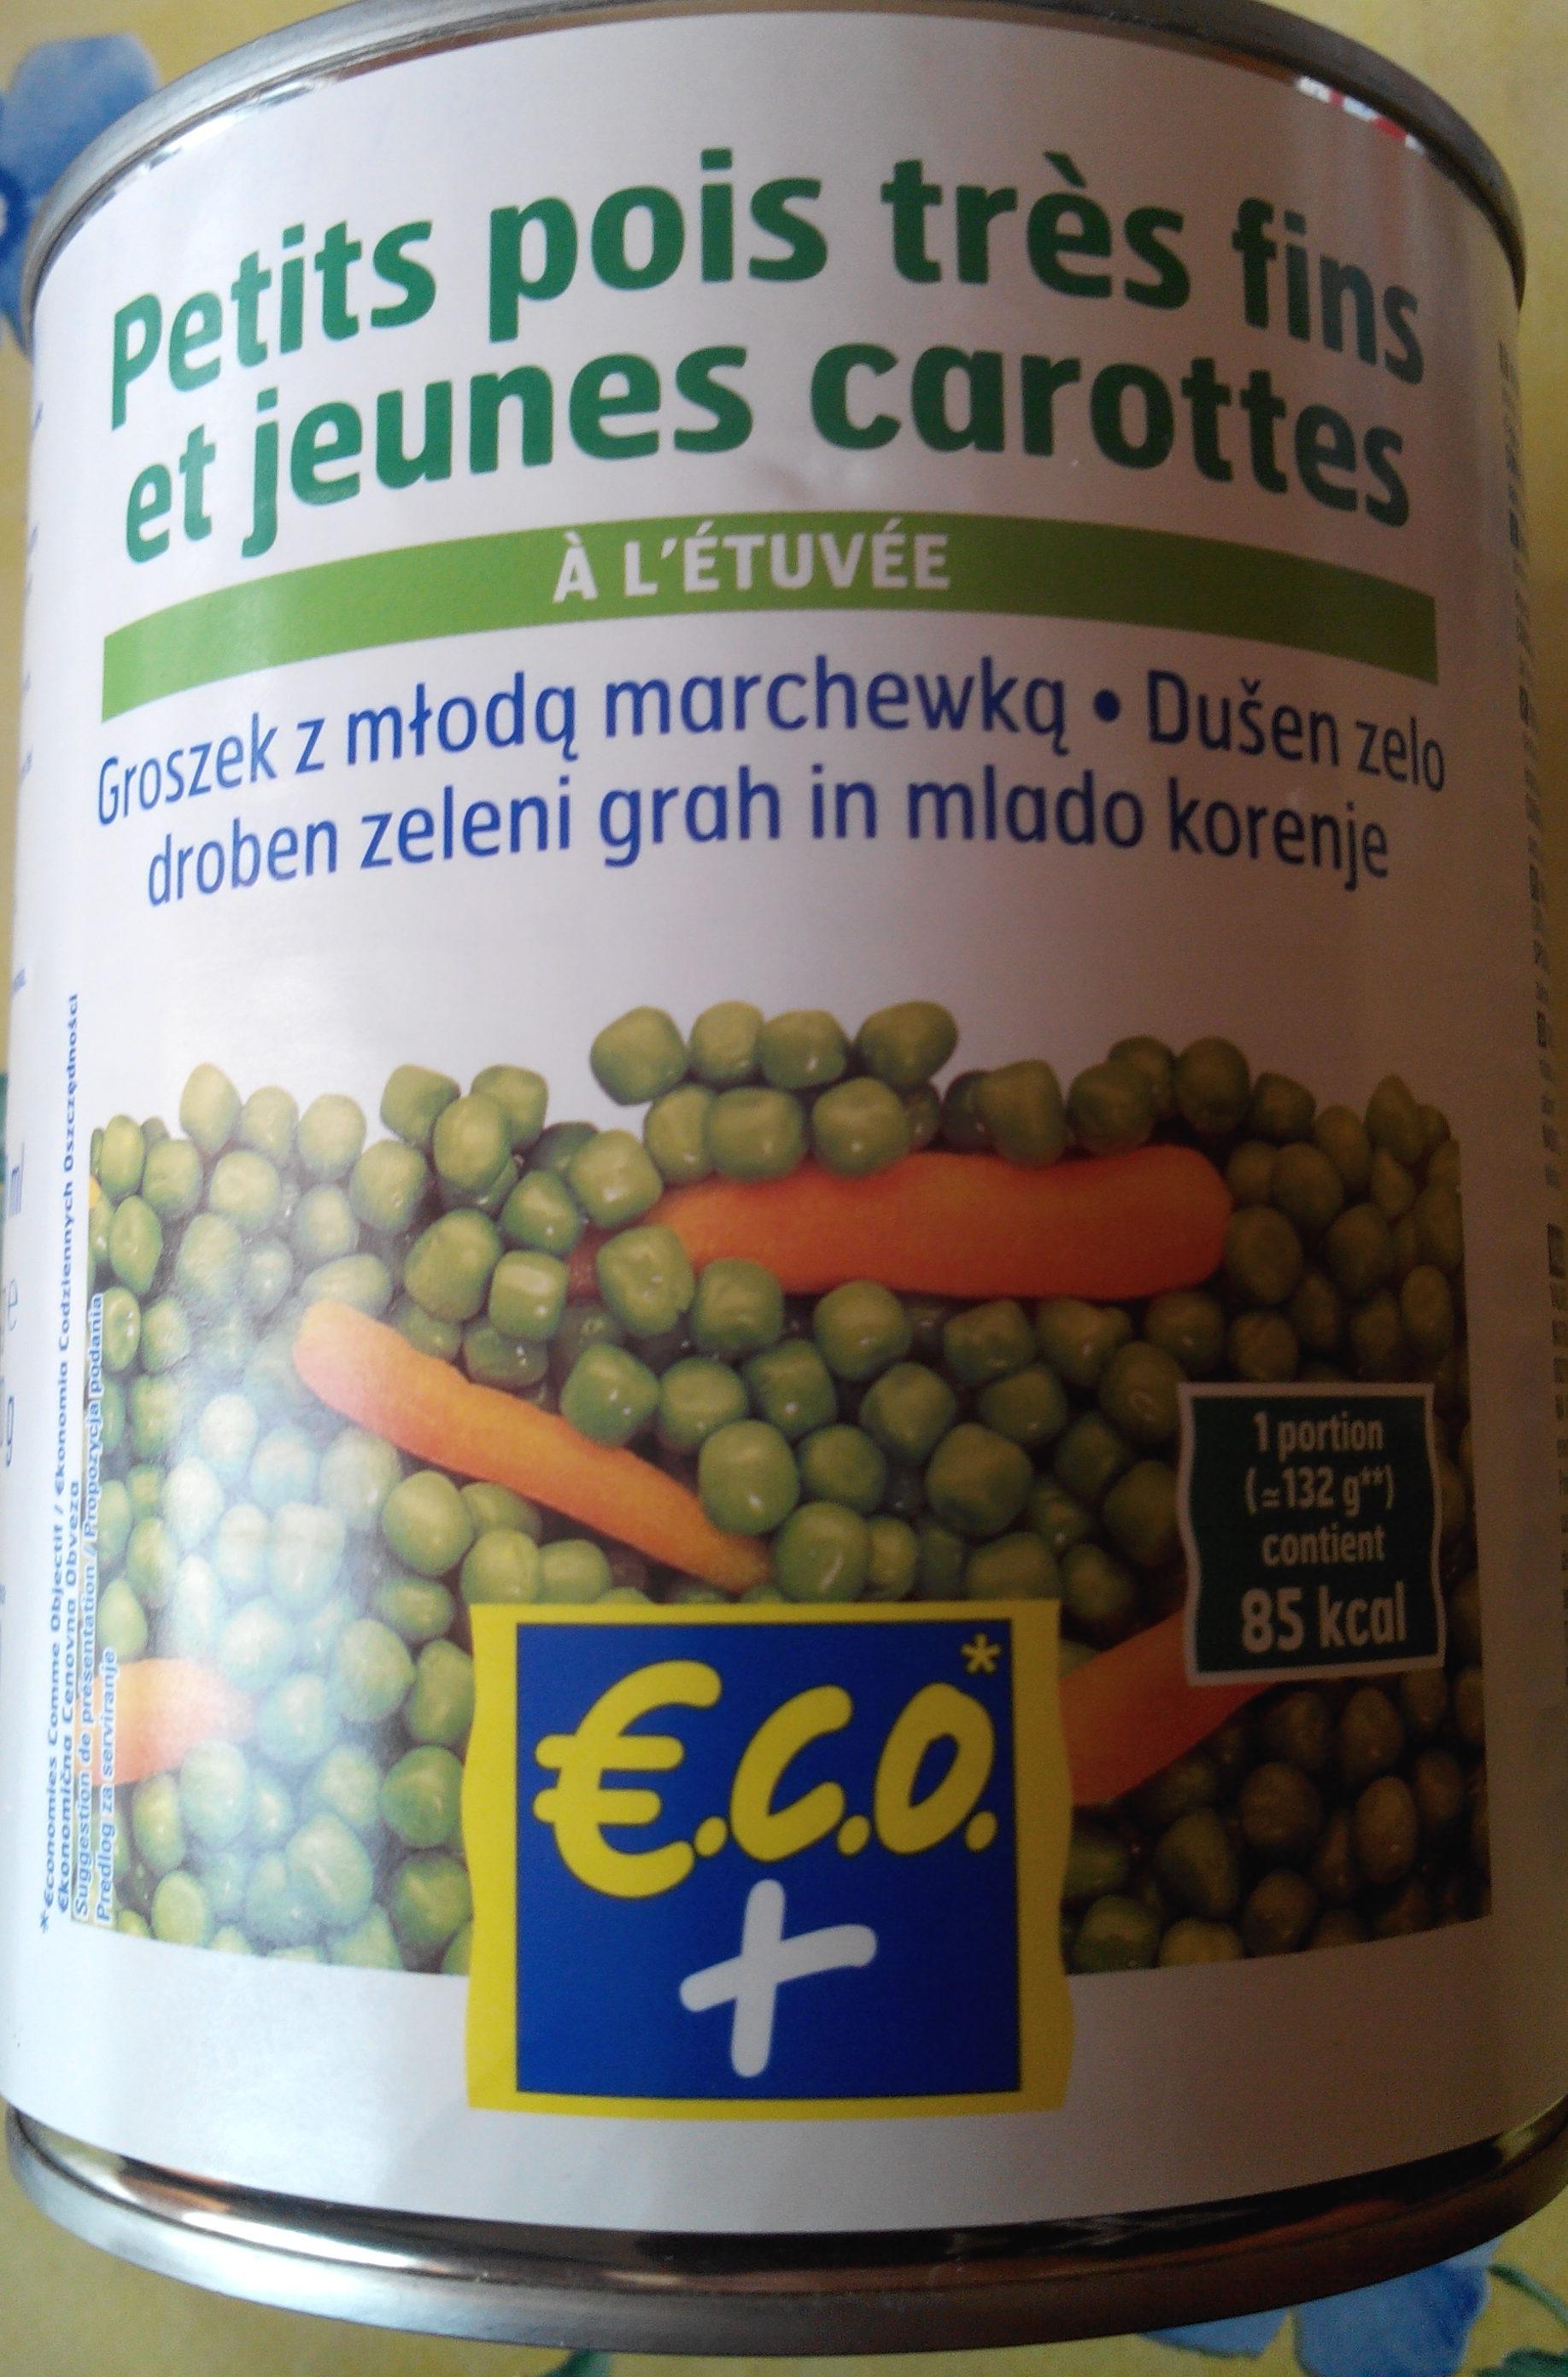 Petits pois très fins et jeunes carottes - Produit